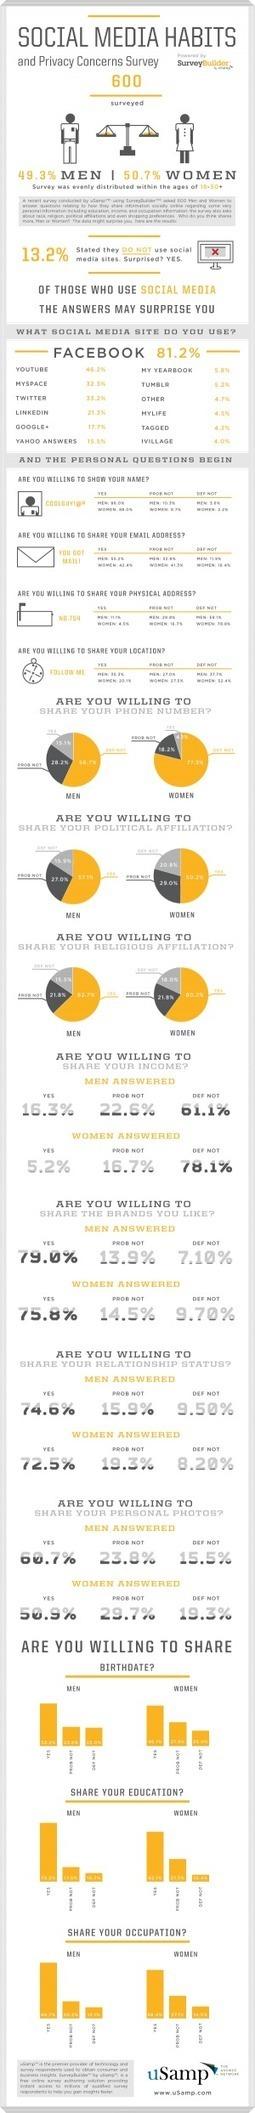 Hábitos de hombres y mujeres en el Social Media #infografia #infographic#socialmedia   Contenidos Digitales   Scoop.it